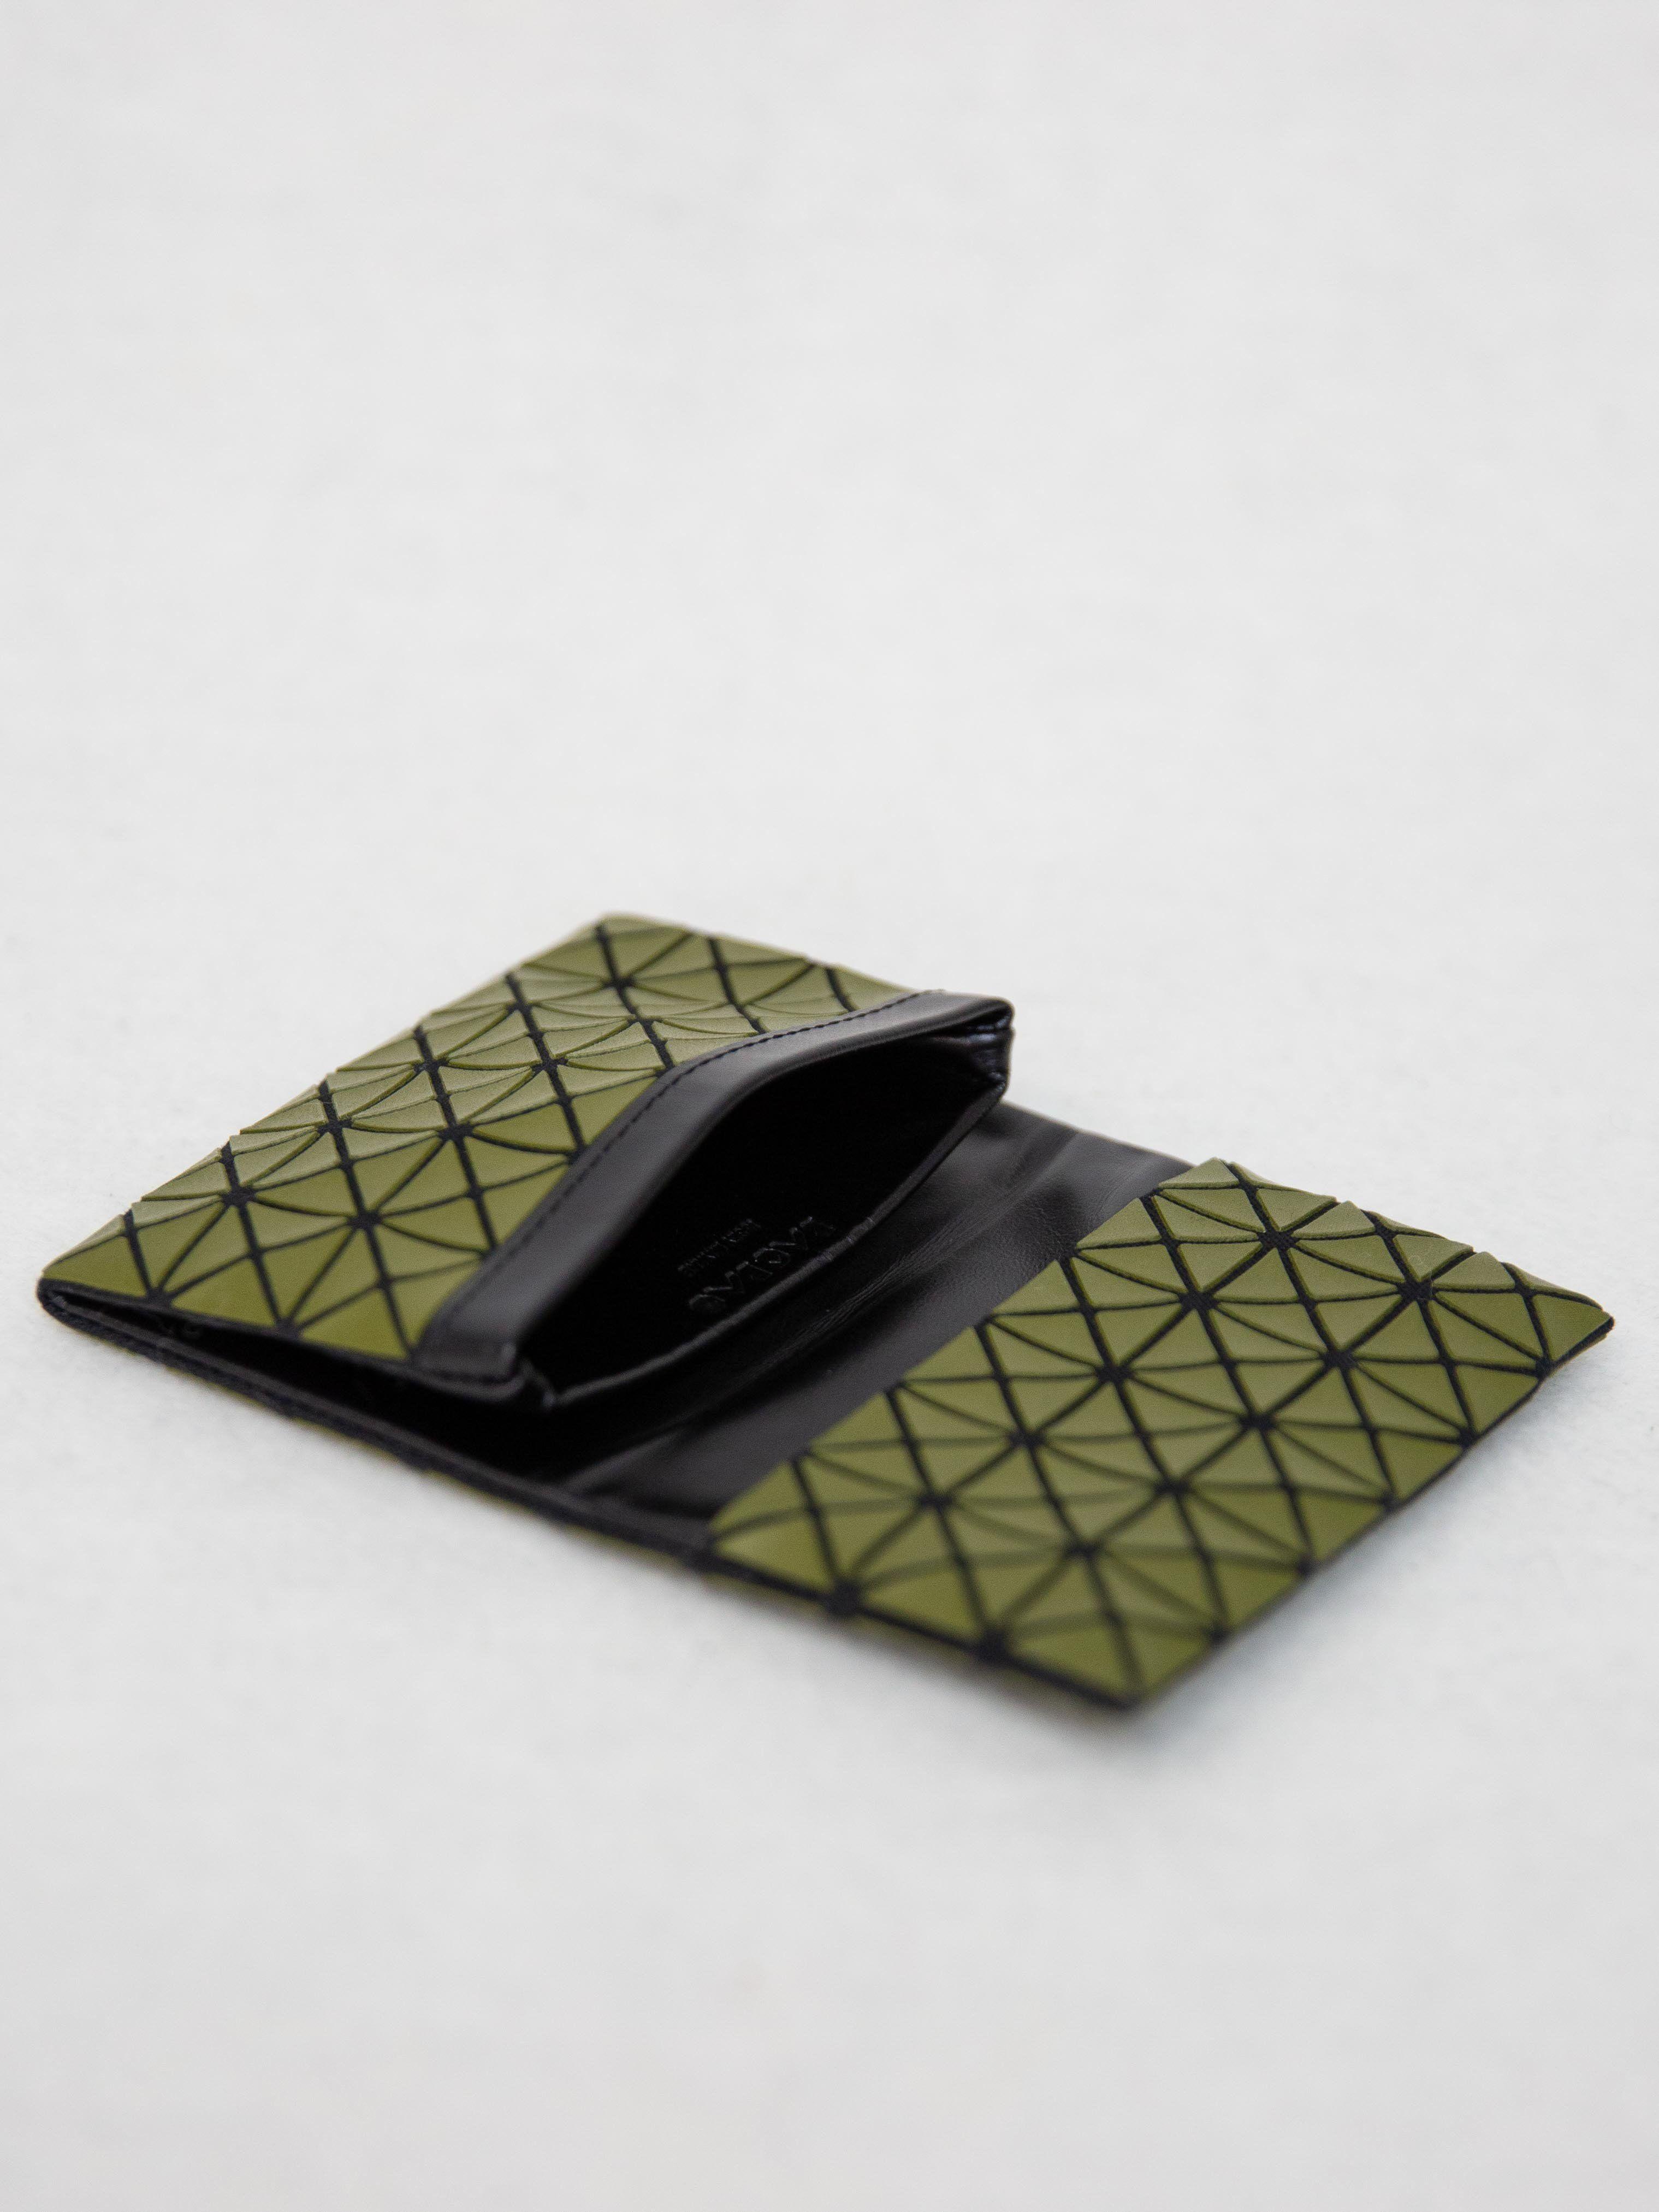 dc917b52d3a0 BAO BAO ISSEY MIYAKE Oyster Card Holder - Khaki